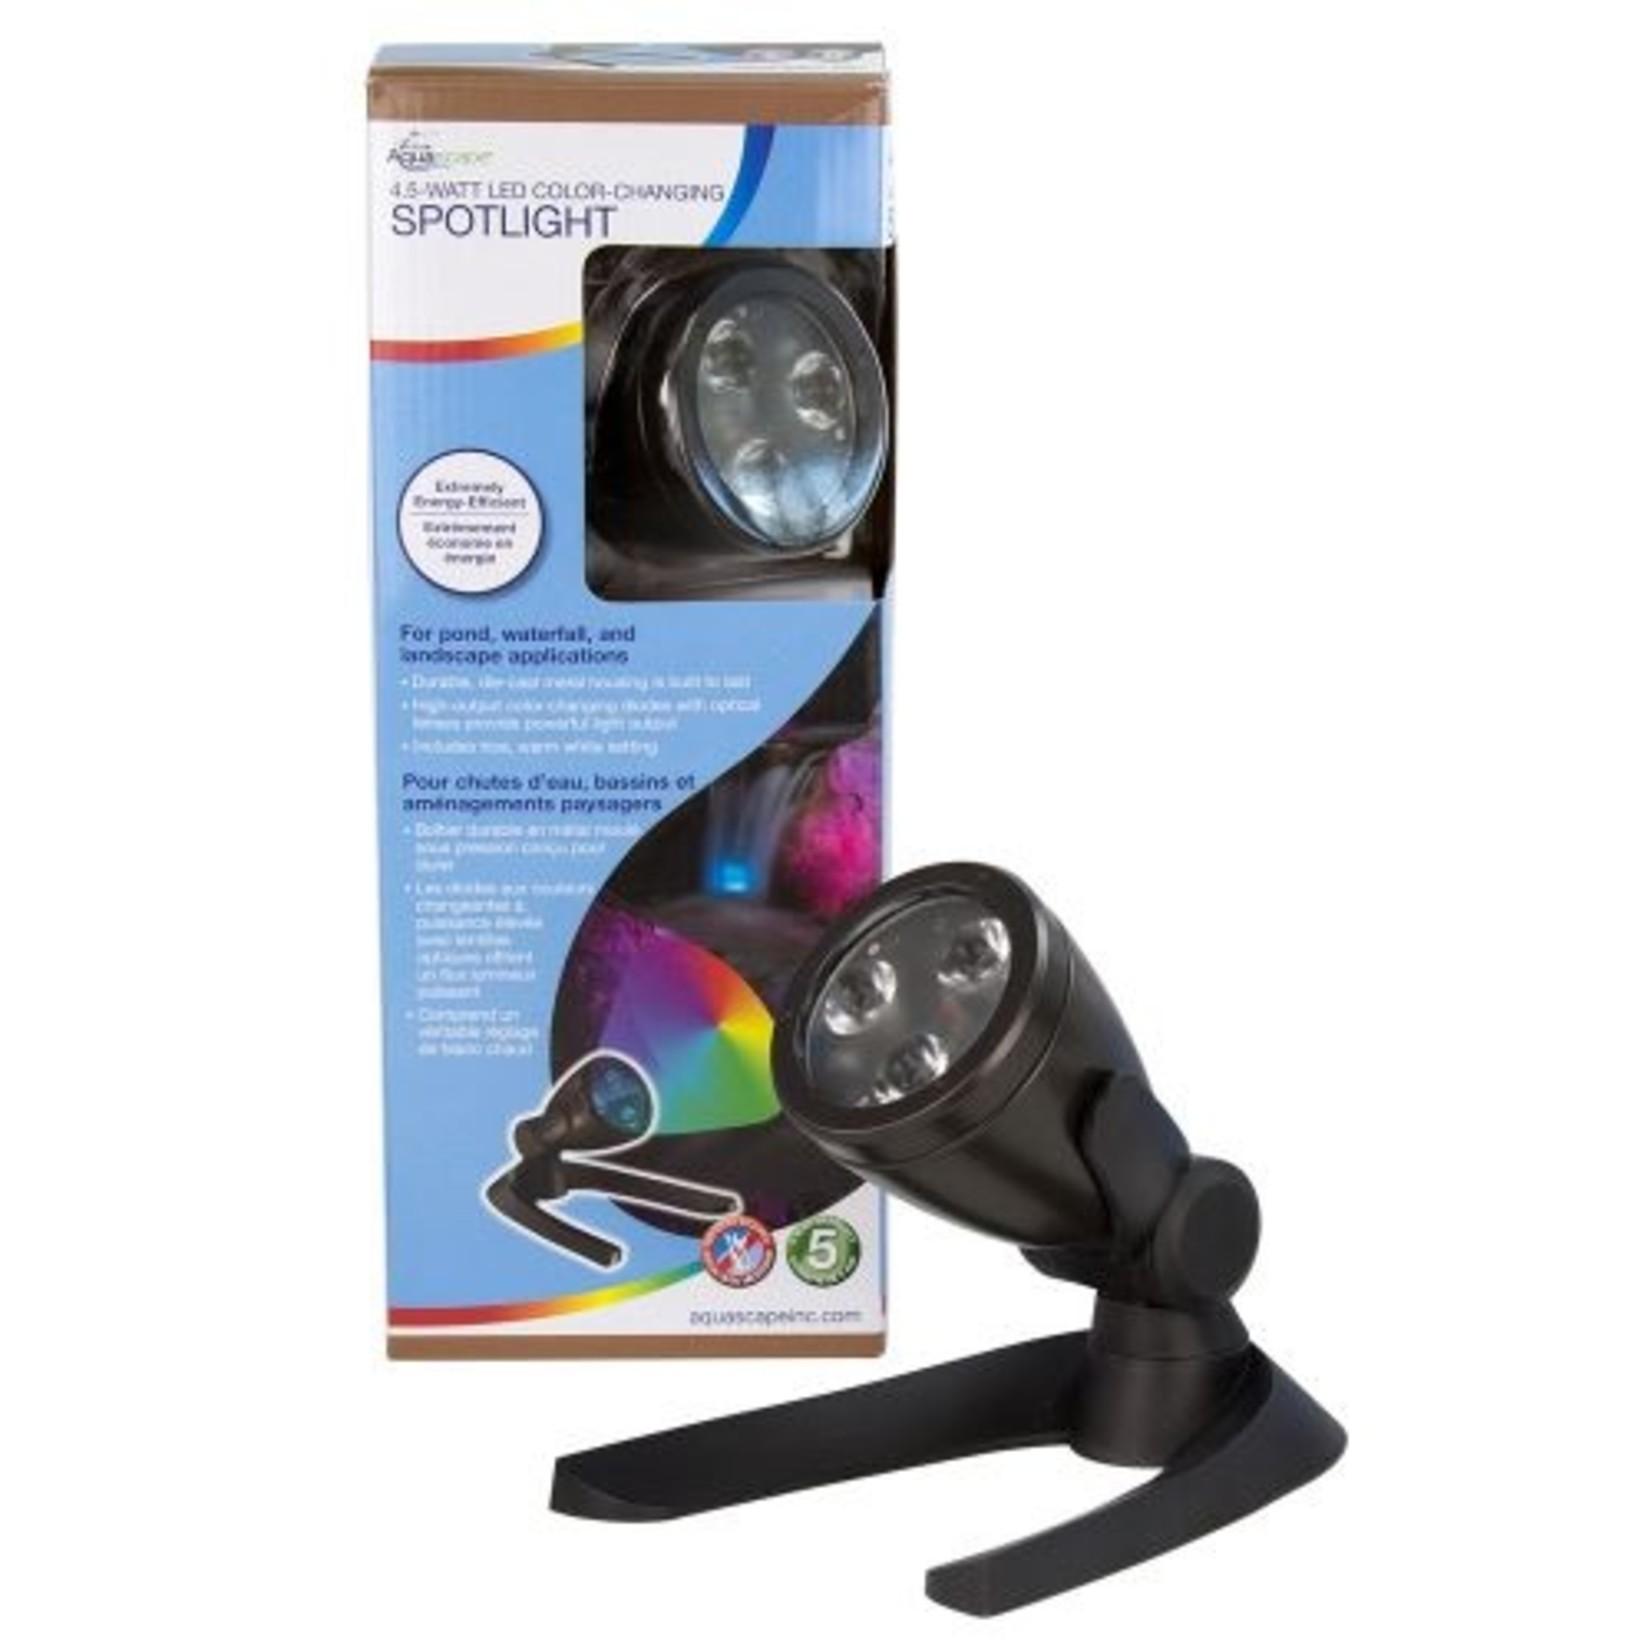 Aquascape Éclairage 4.5 watts